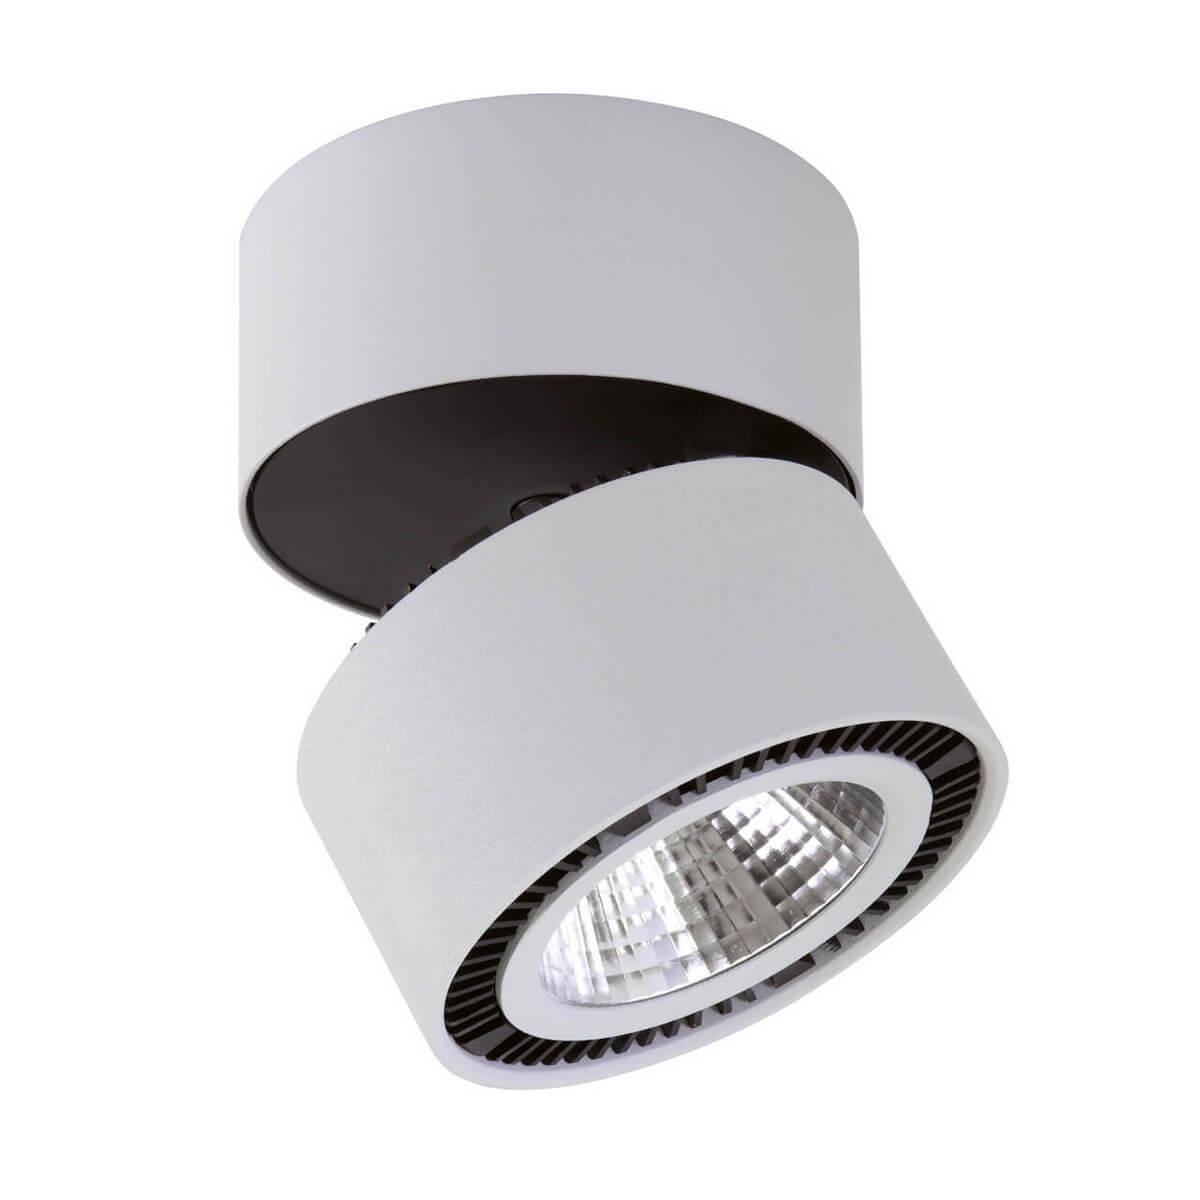 Светильник Lightstar 213839 Forte Muro потолочный светодиодный светильник lightstar forte muro 213839